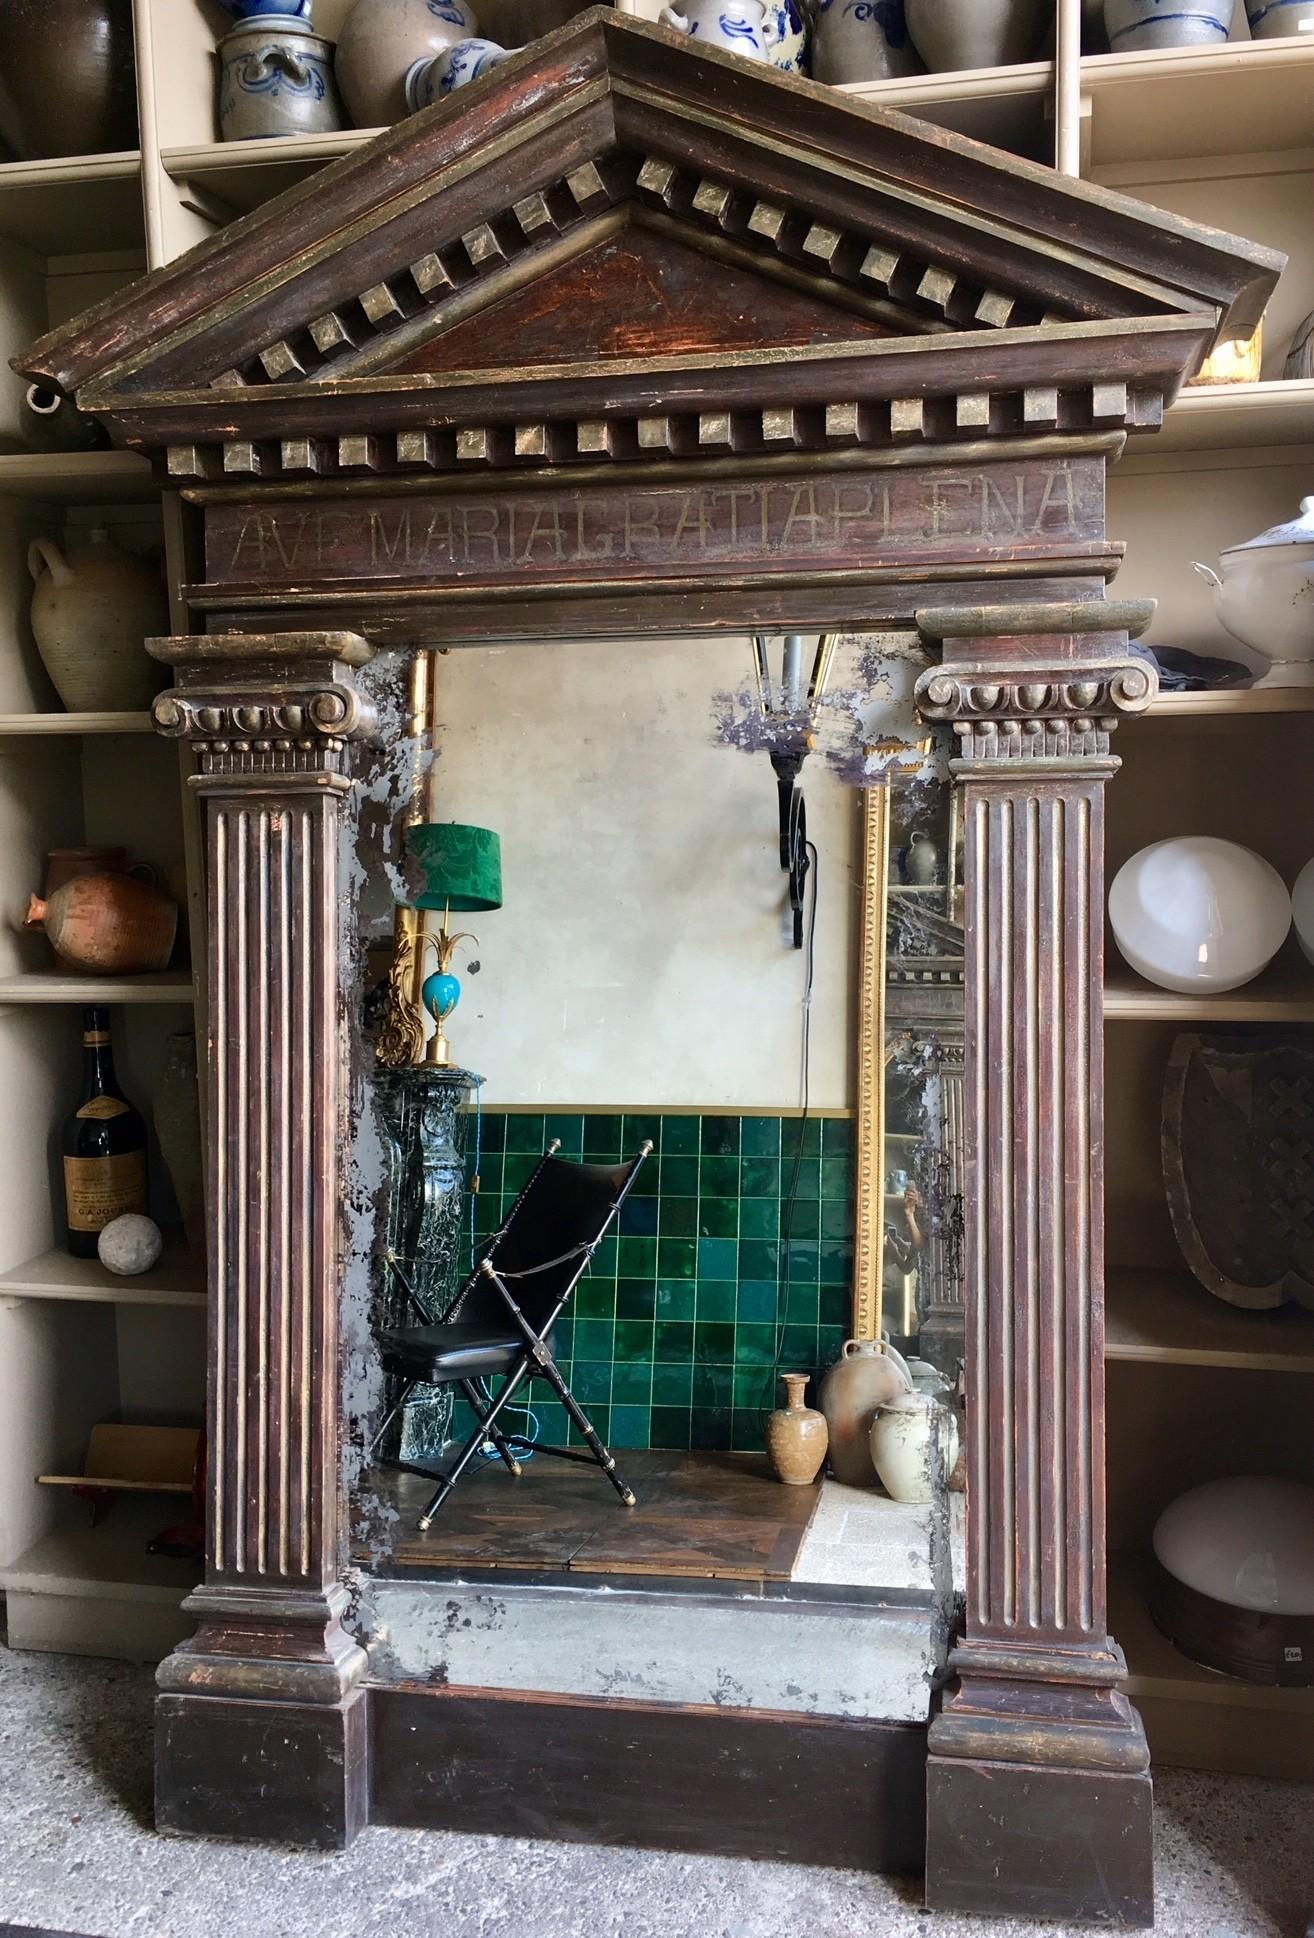 Zeer grote spiegel in bijzondere antieke decoratieve lijst